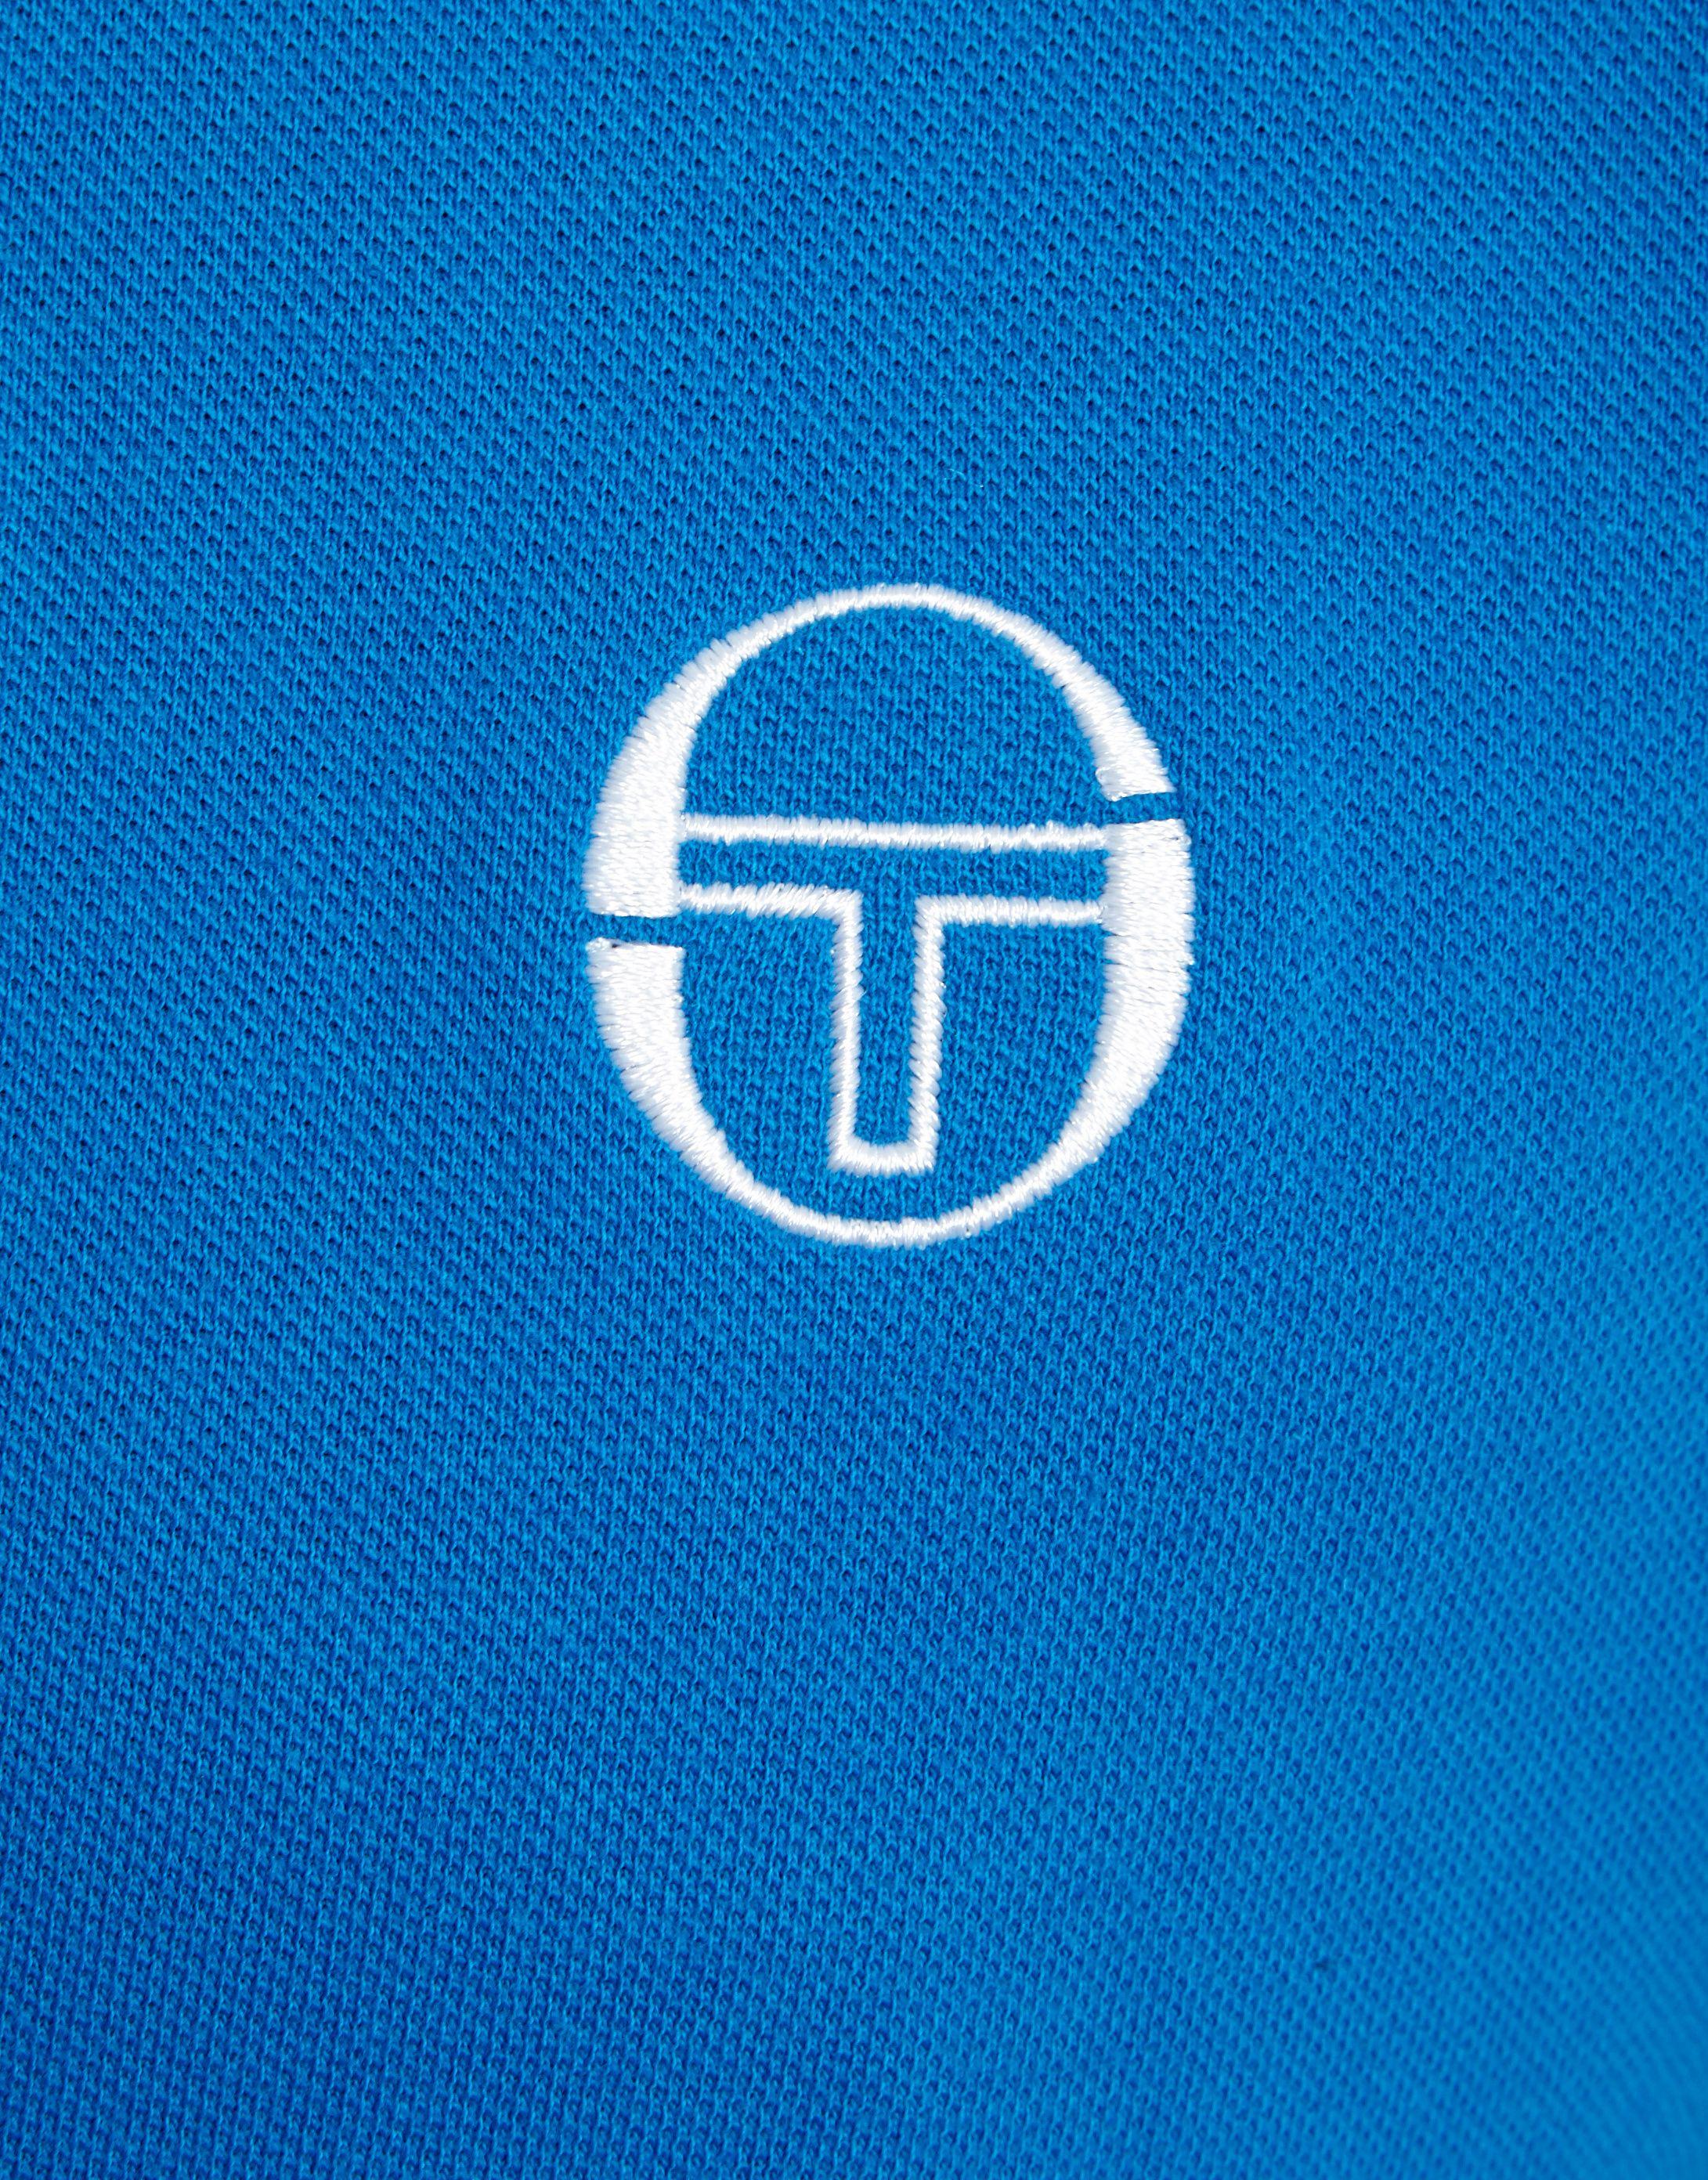 Sergio Tacchini Smash Plain Polo Shirt